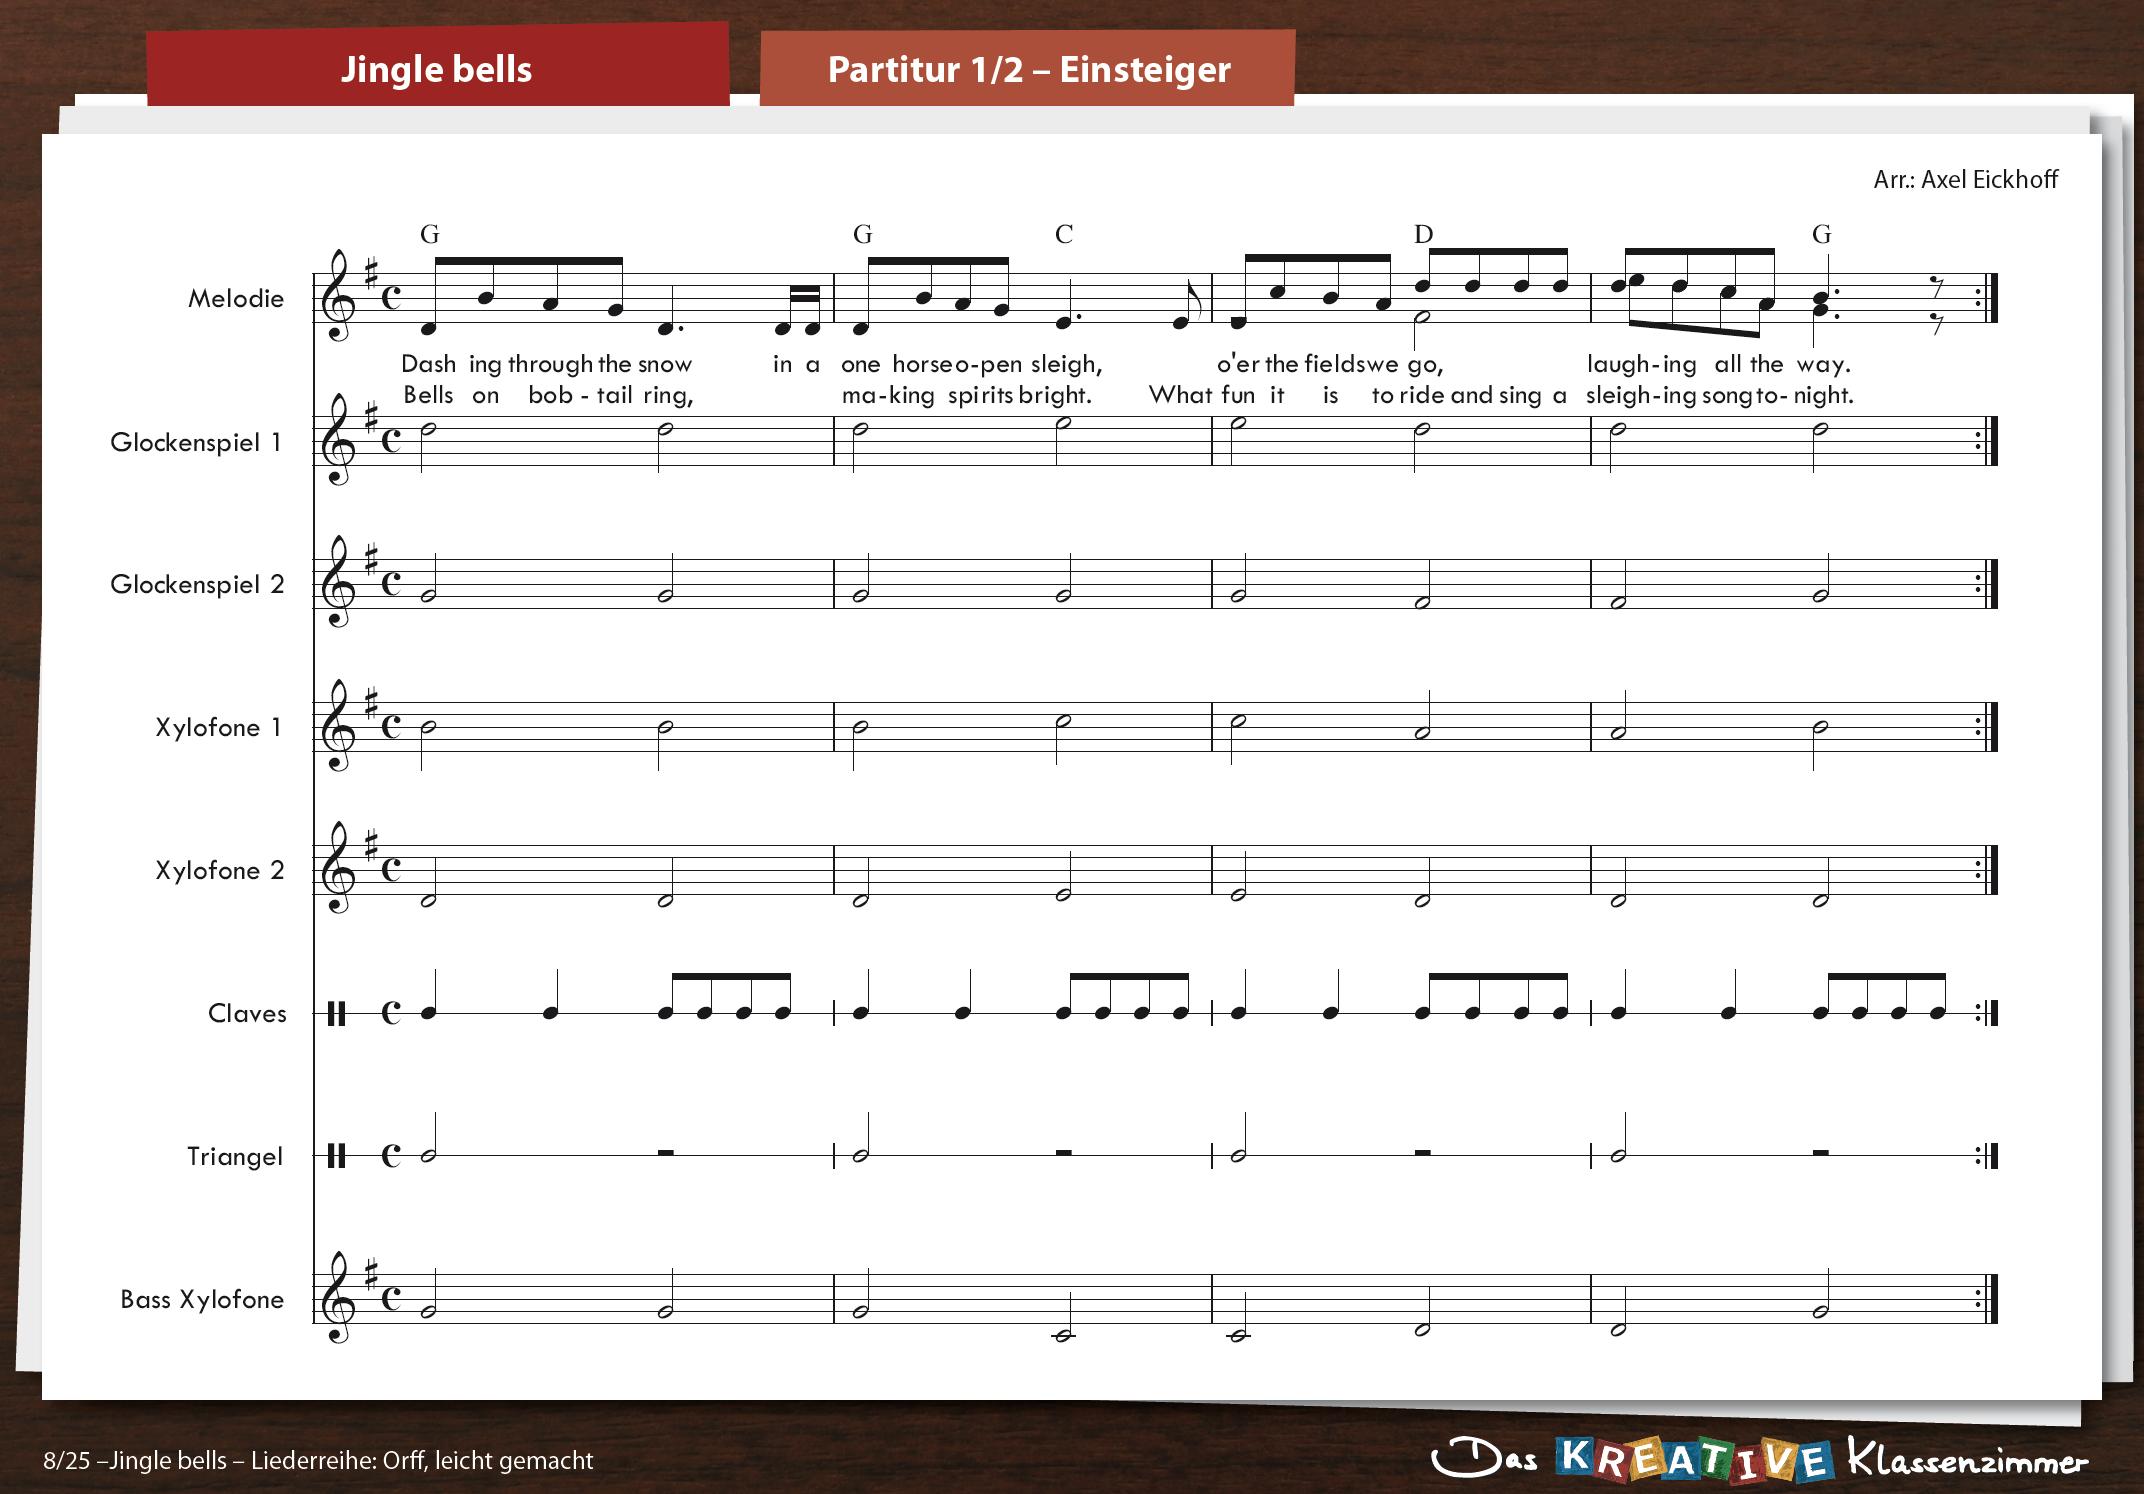 Jingle bells - Orff